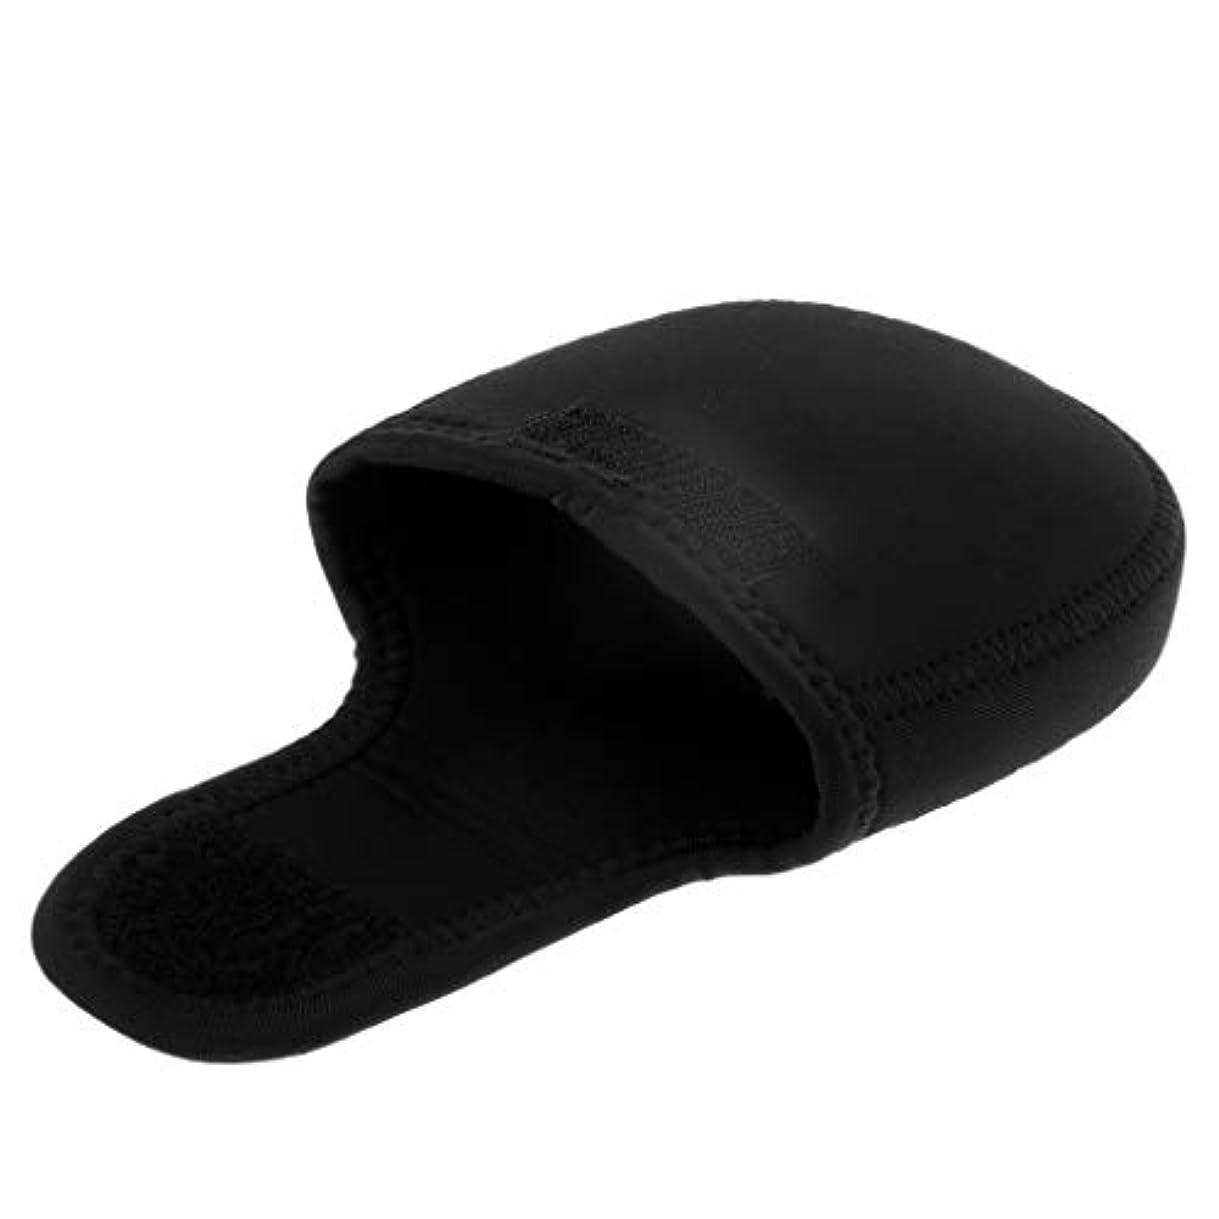 うれしい崇拝しますネックレスB Blesiya 釣りベイトリールポーチ 保護ケース 左右手兼用 耐久性 ブラック